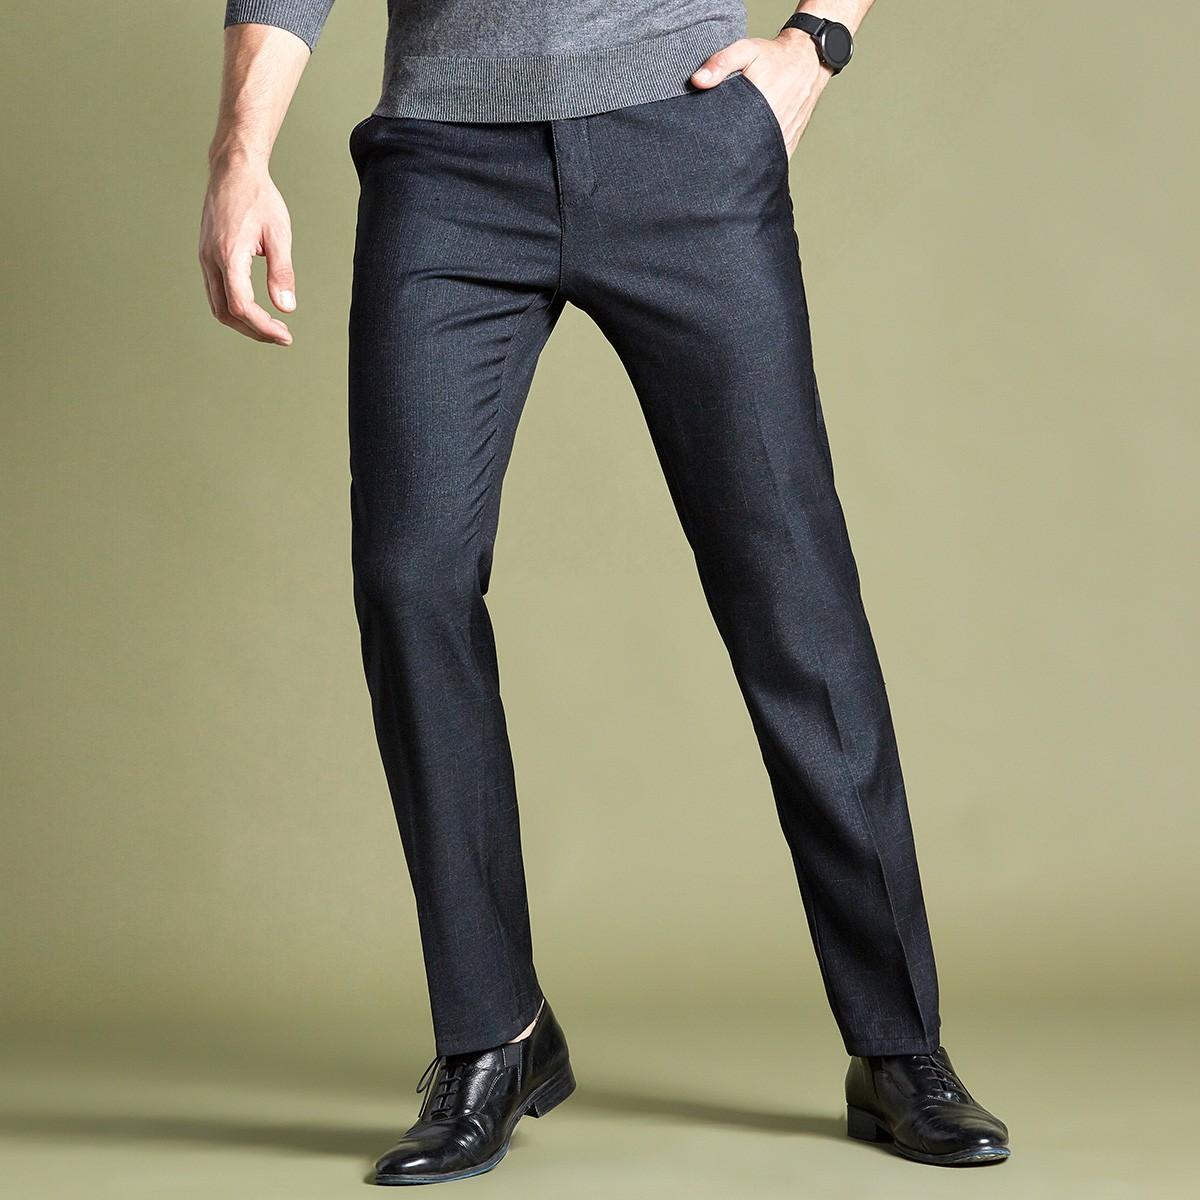 Fuguiniao 富贵鸟 FU78980601 男士 休闲裤